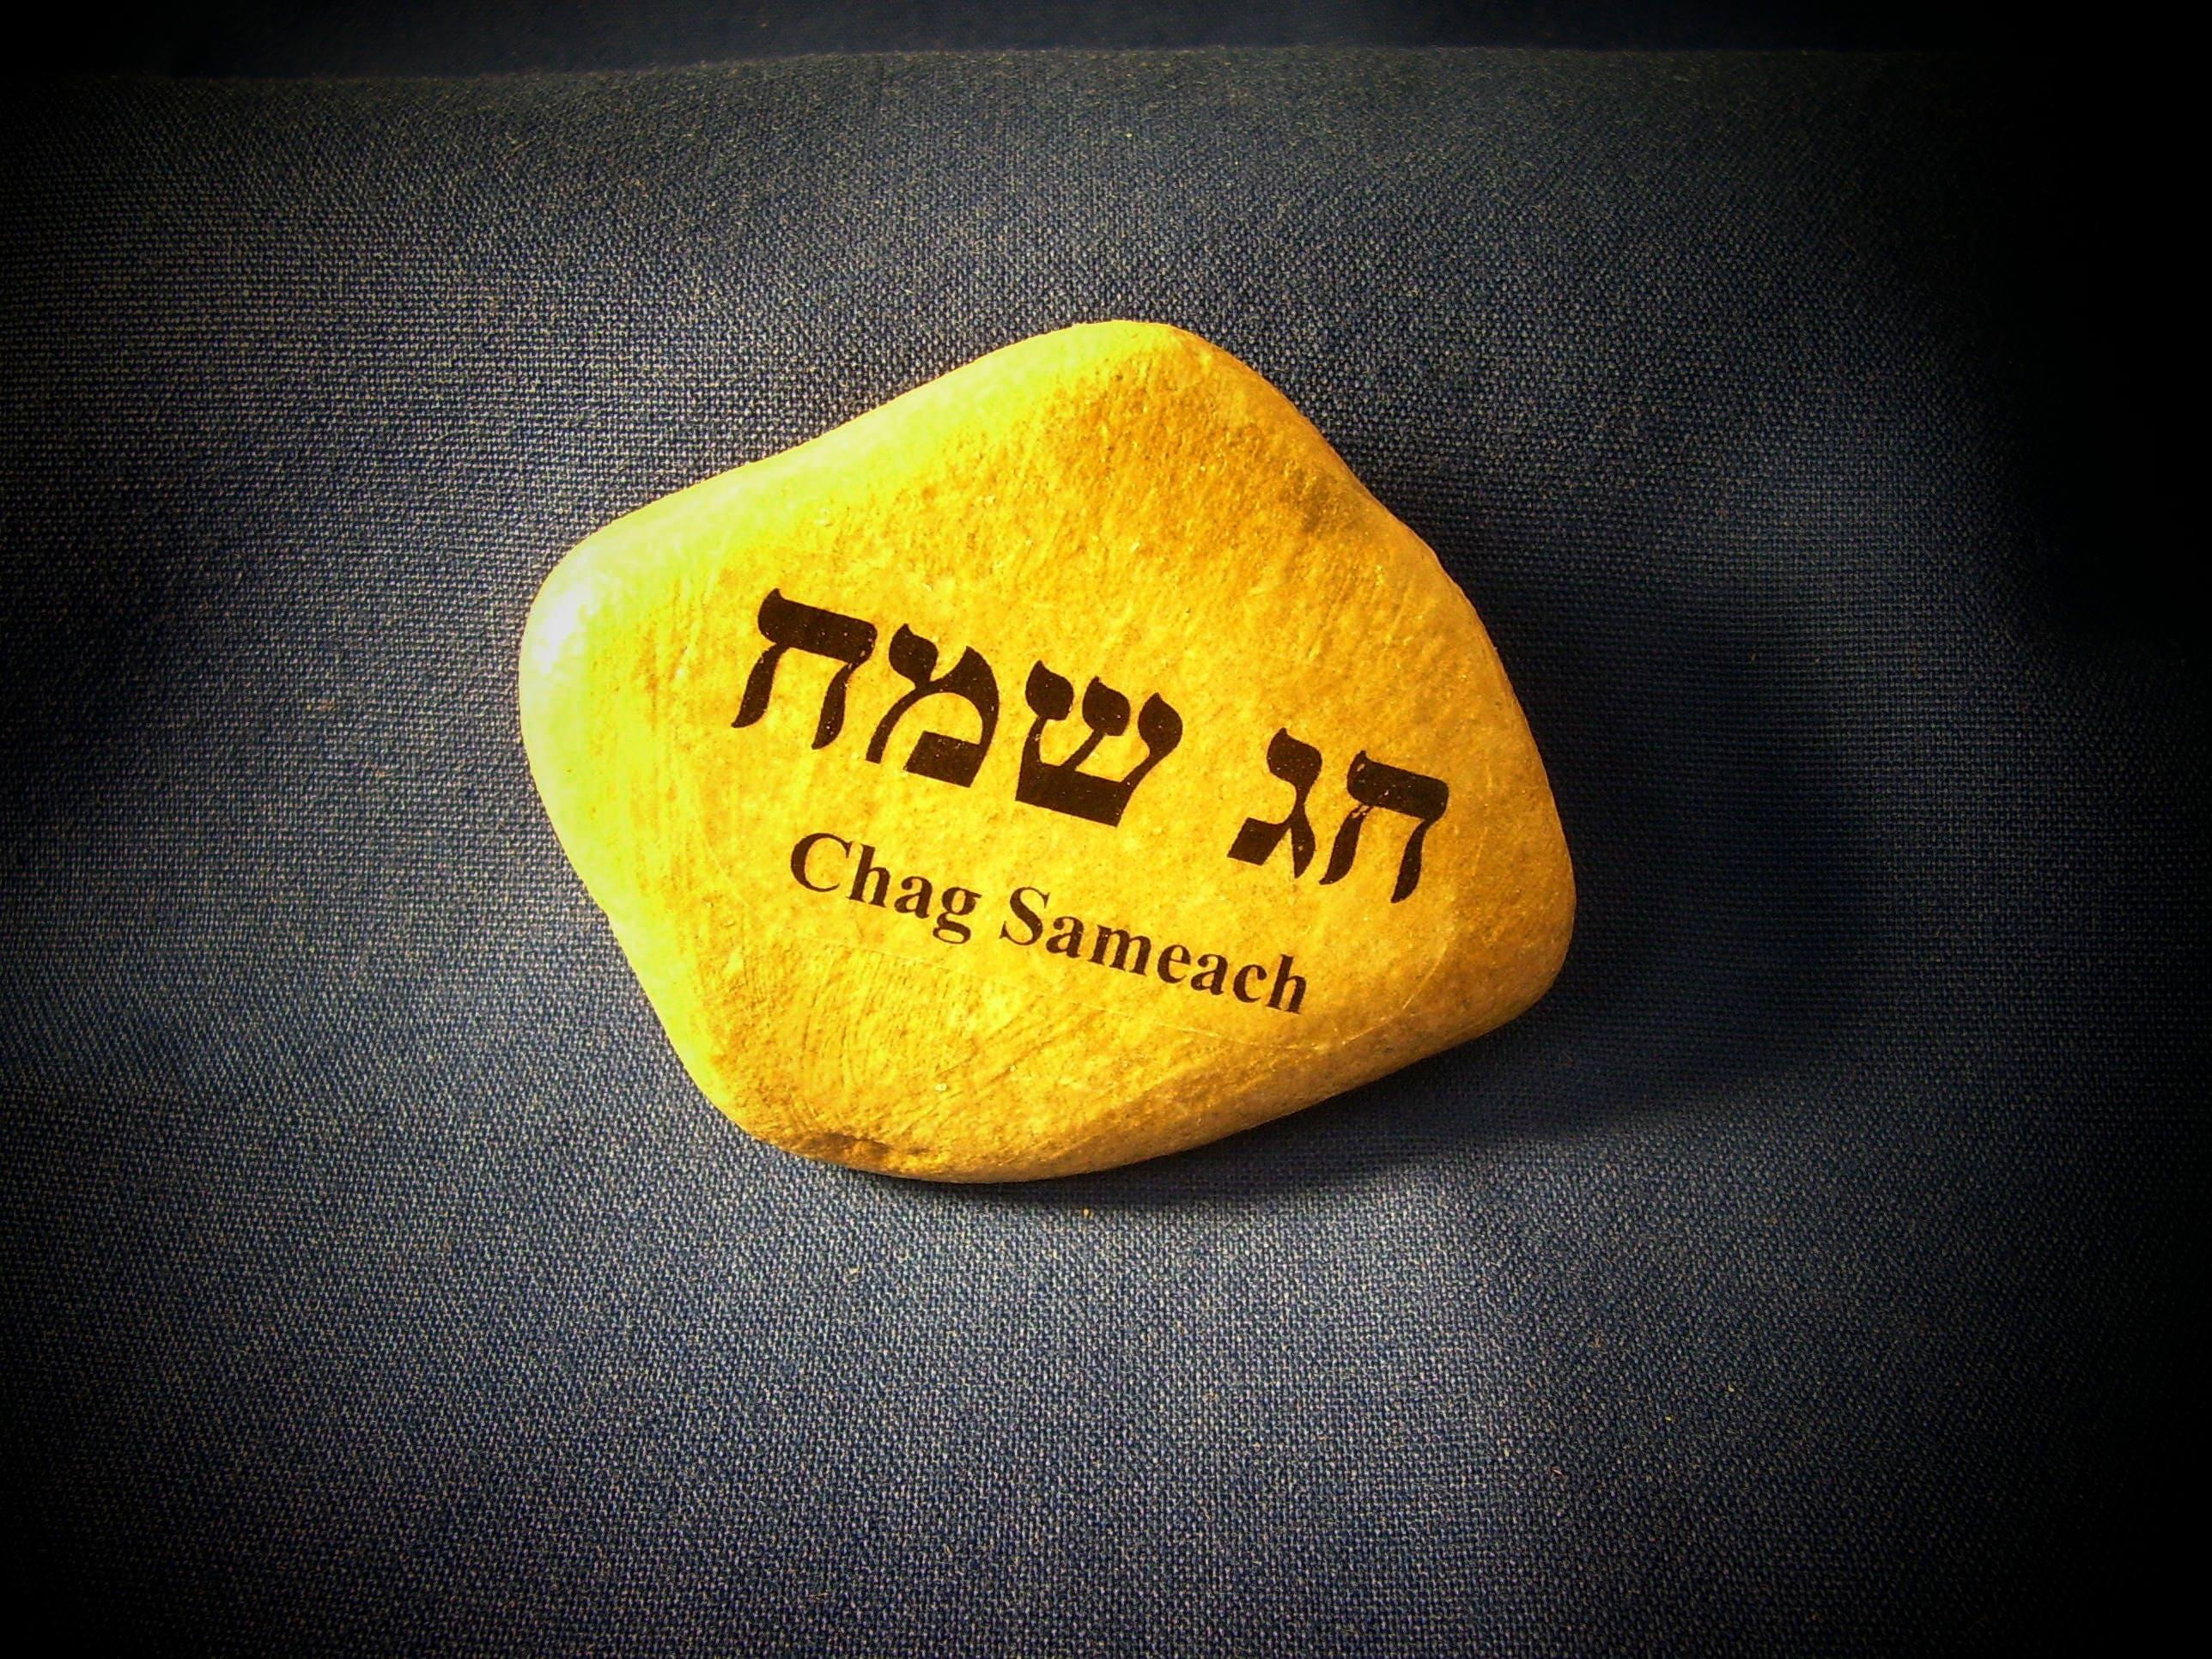 Chag Sameach Happy Holiday Joyous Festival Passover Judaic Etsy